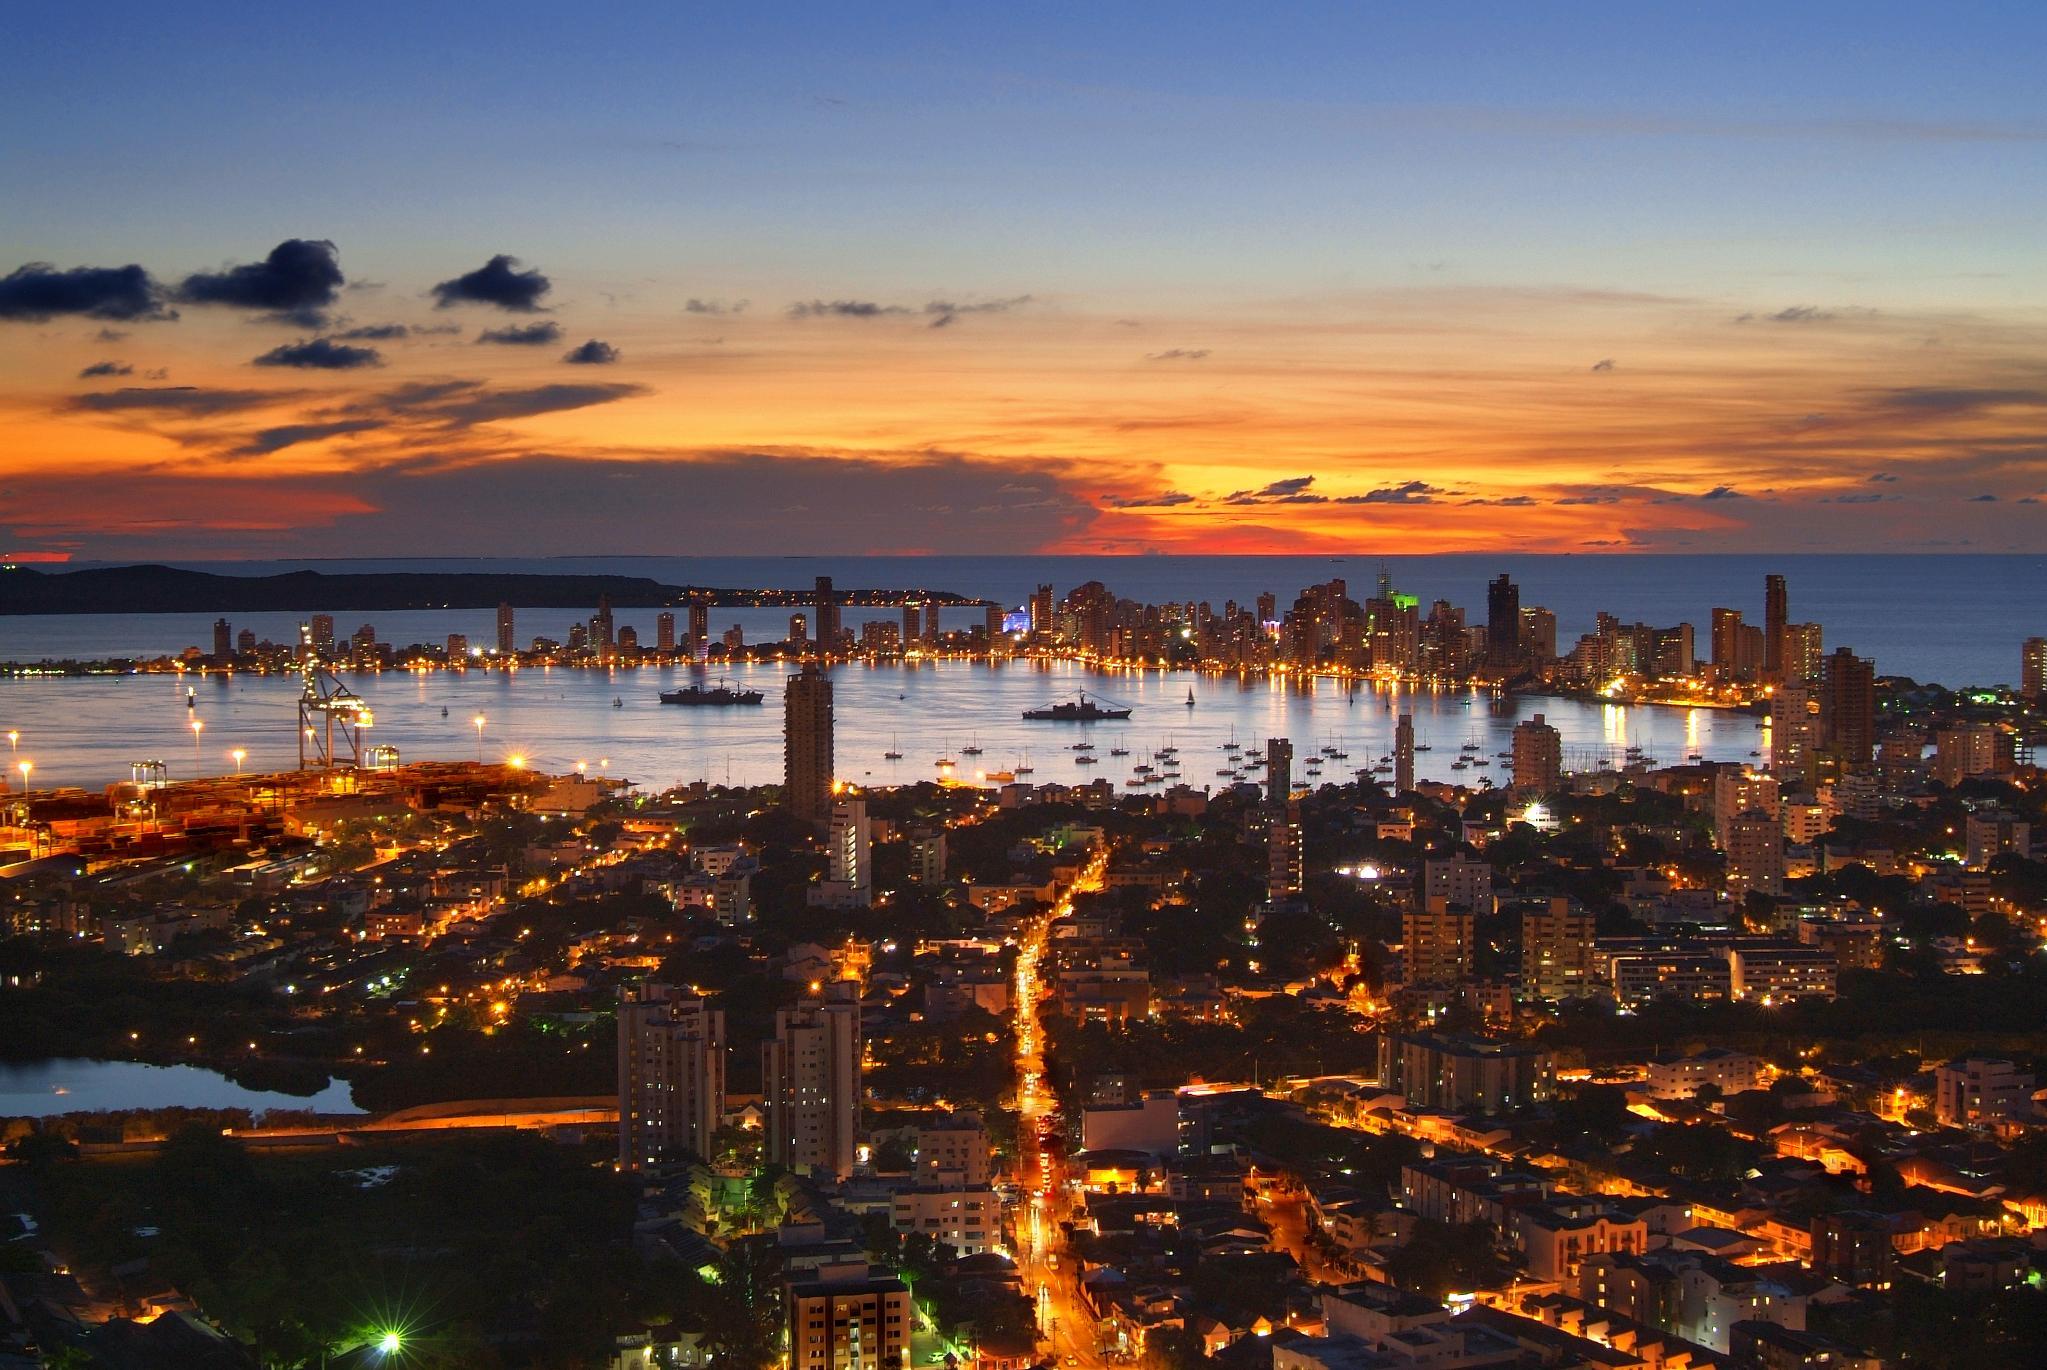 FileAtardecer en Cartagena de Indias desde La Popajpg 2047x1370